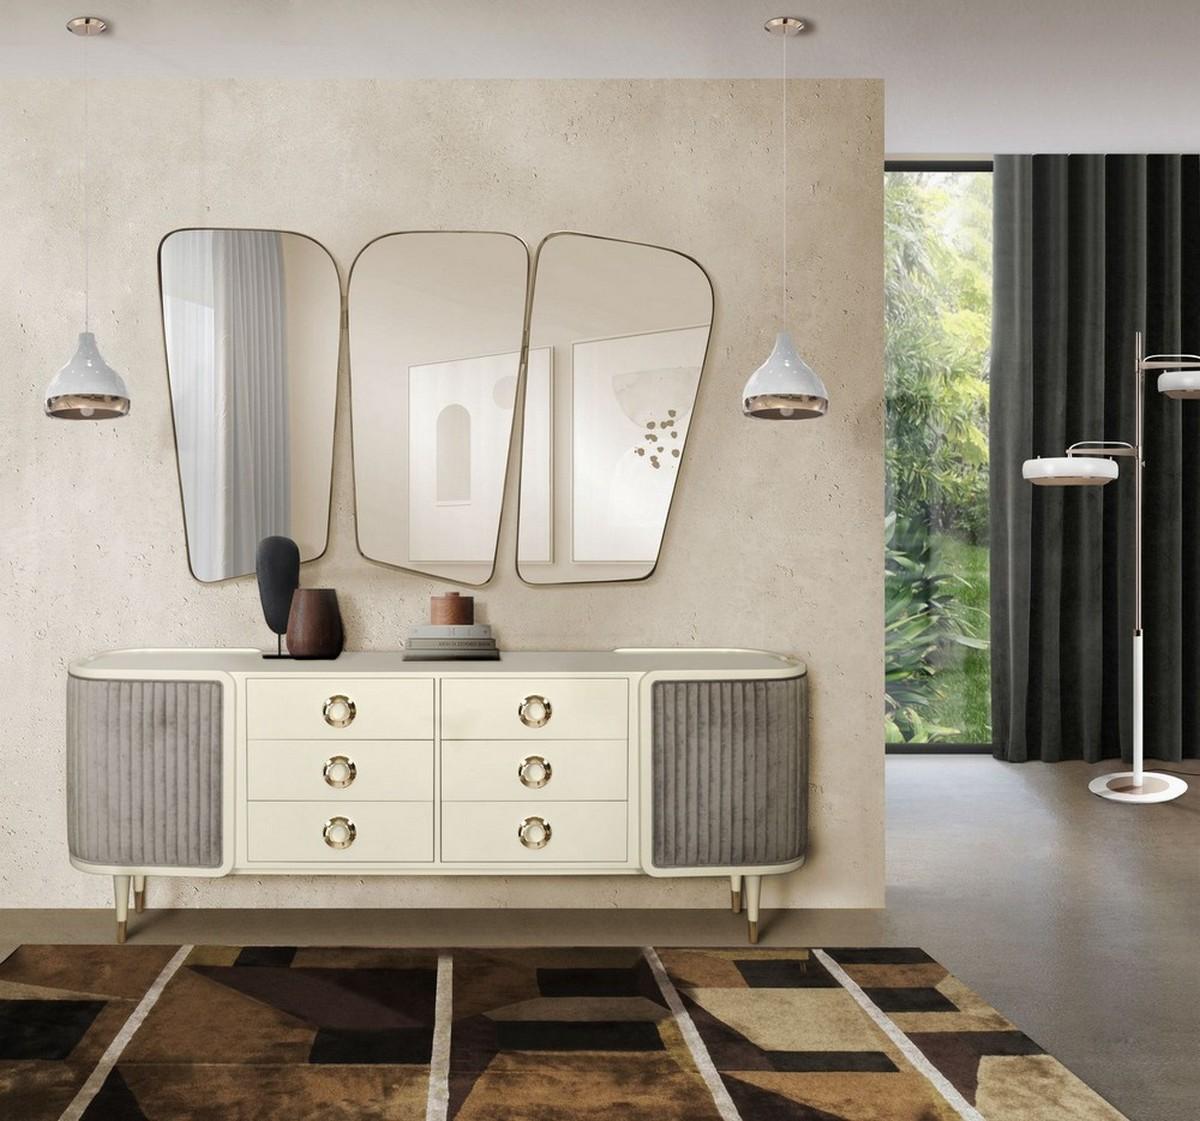 Diseño de Interiores: la Cor de Pureza, ideas para proyectos lujuosos en Blanco diseño de interiores Diseño de Interiores: la Cor de Pureza, ideas para proyectos lujuosos en Blanco 7dwnAldQ